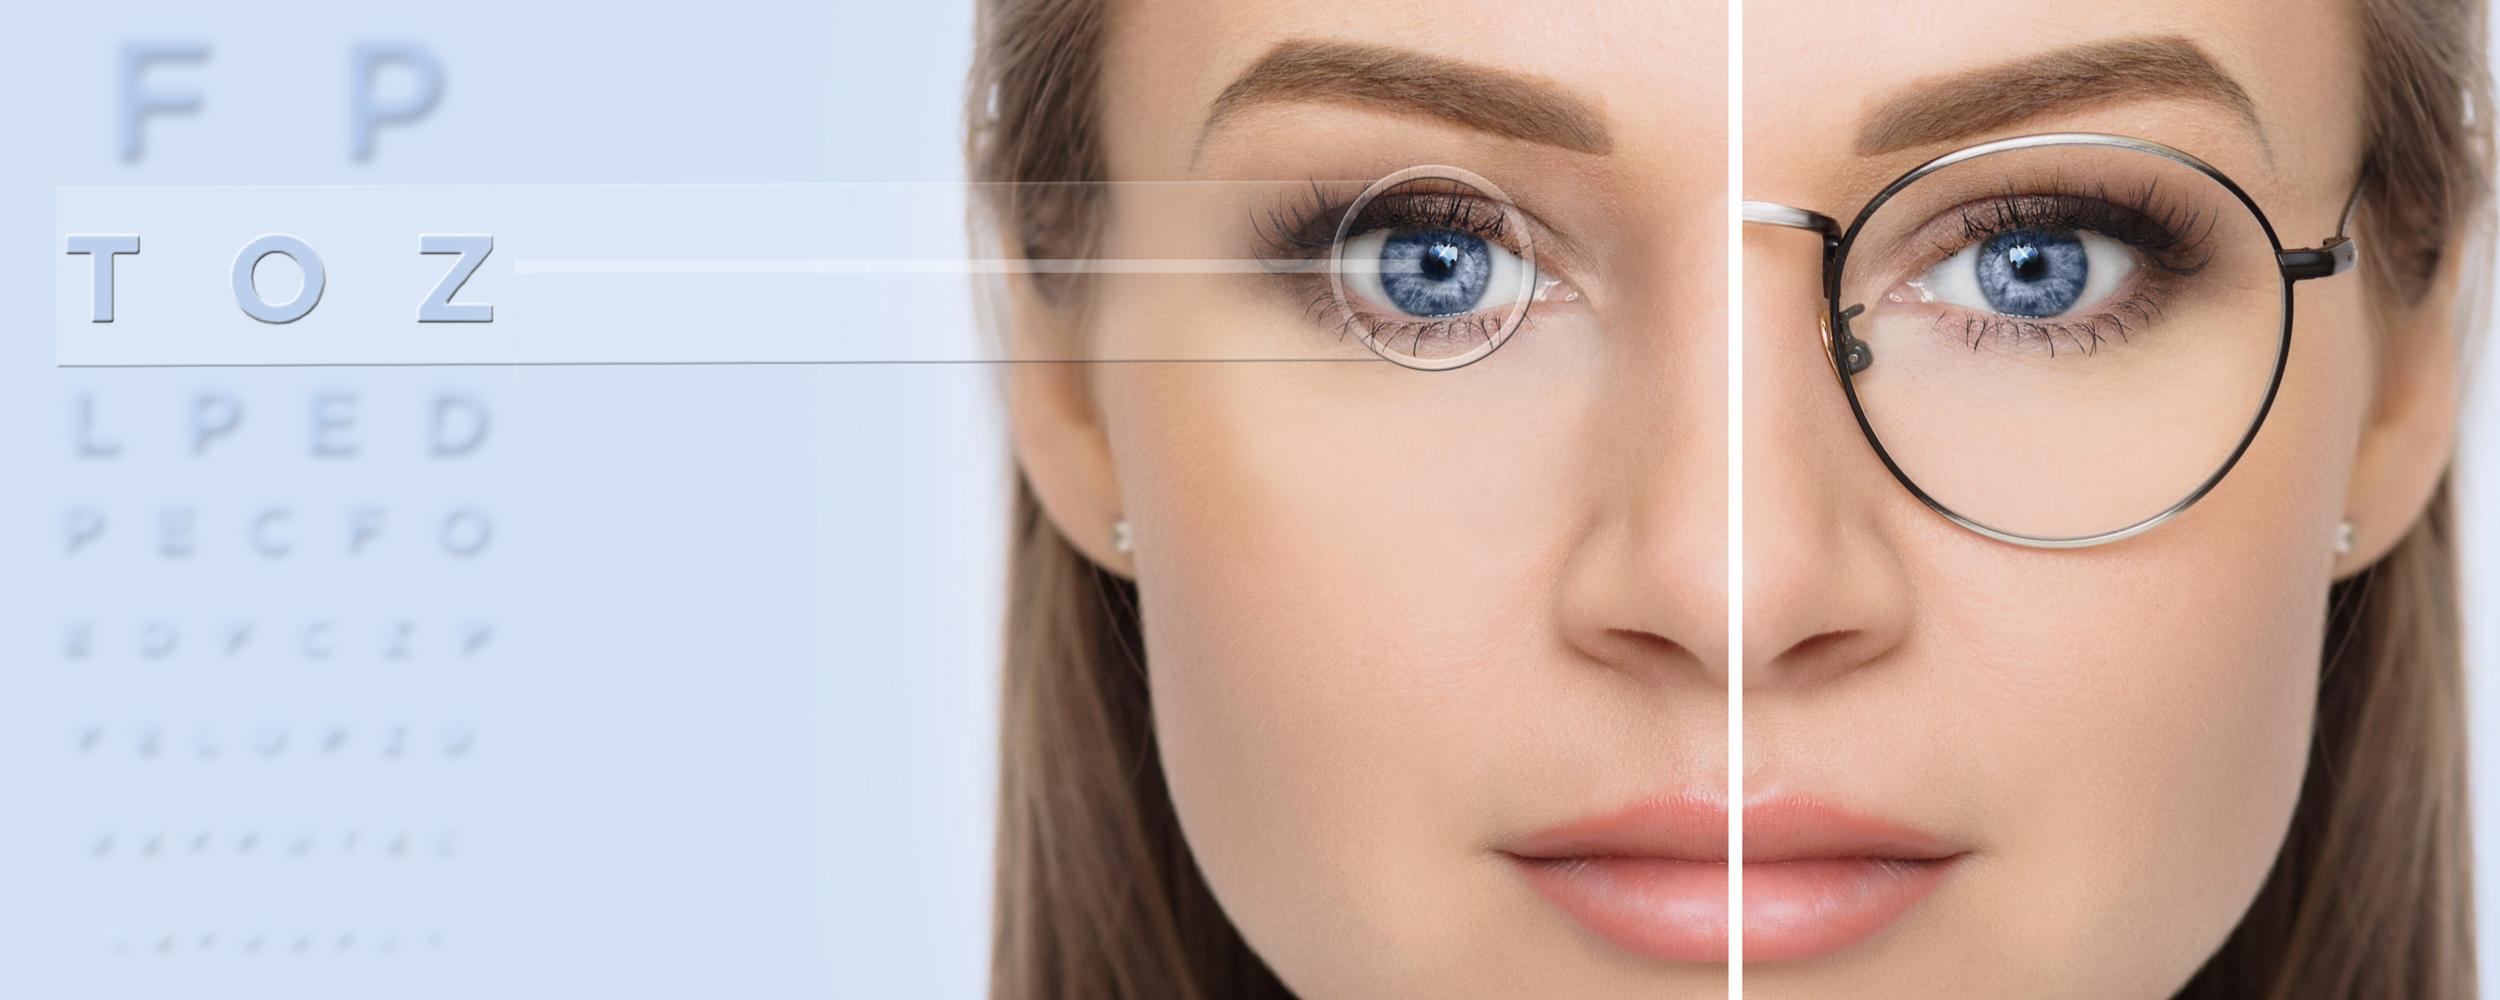 Value of Routine Eye Exams